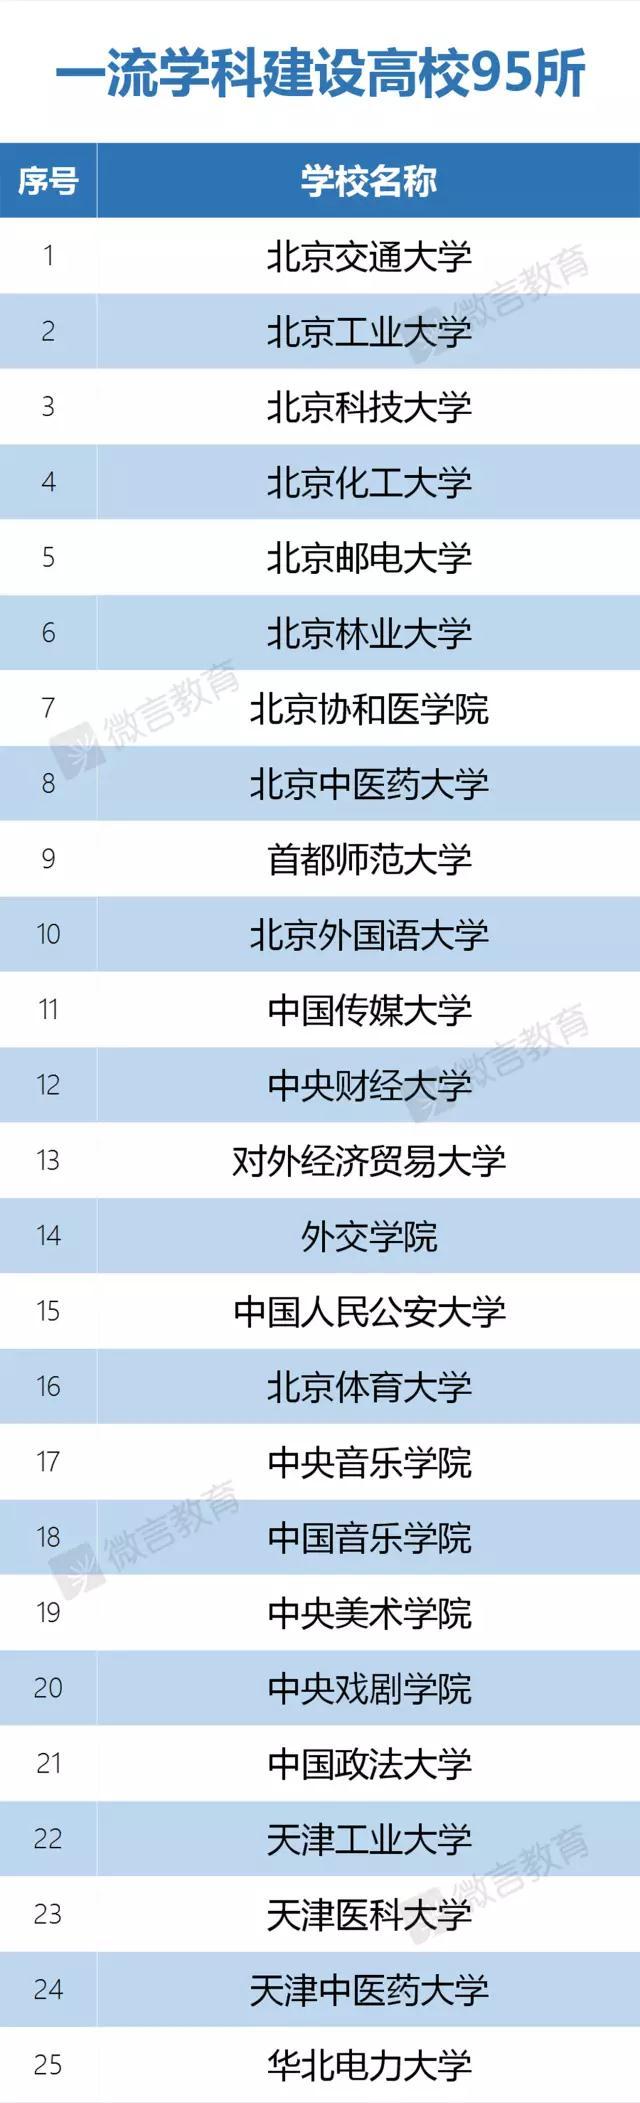 """137所高校入选""""双一流""""建设名单"""